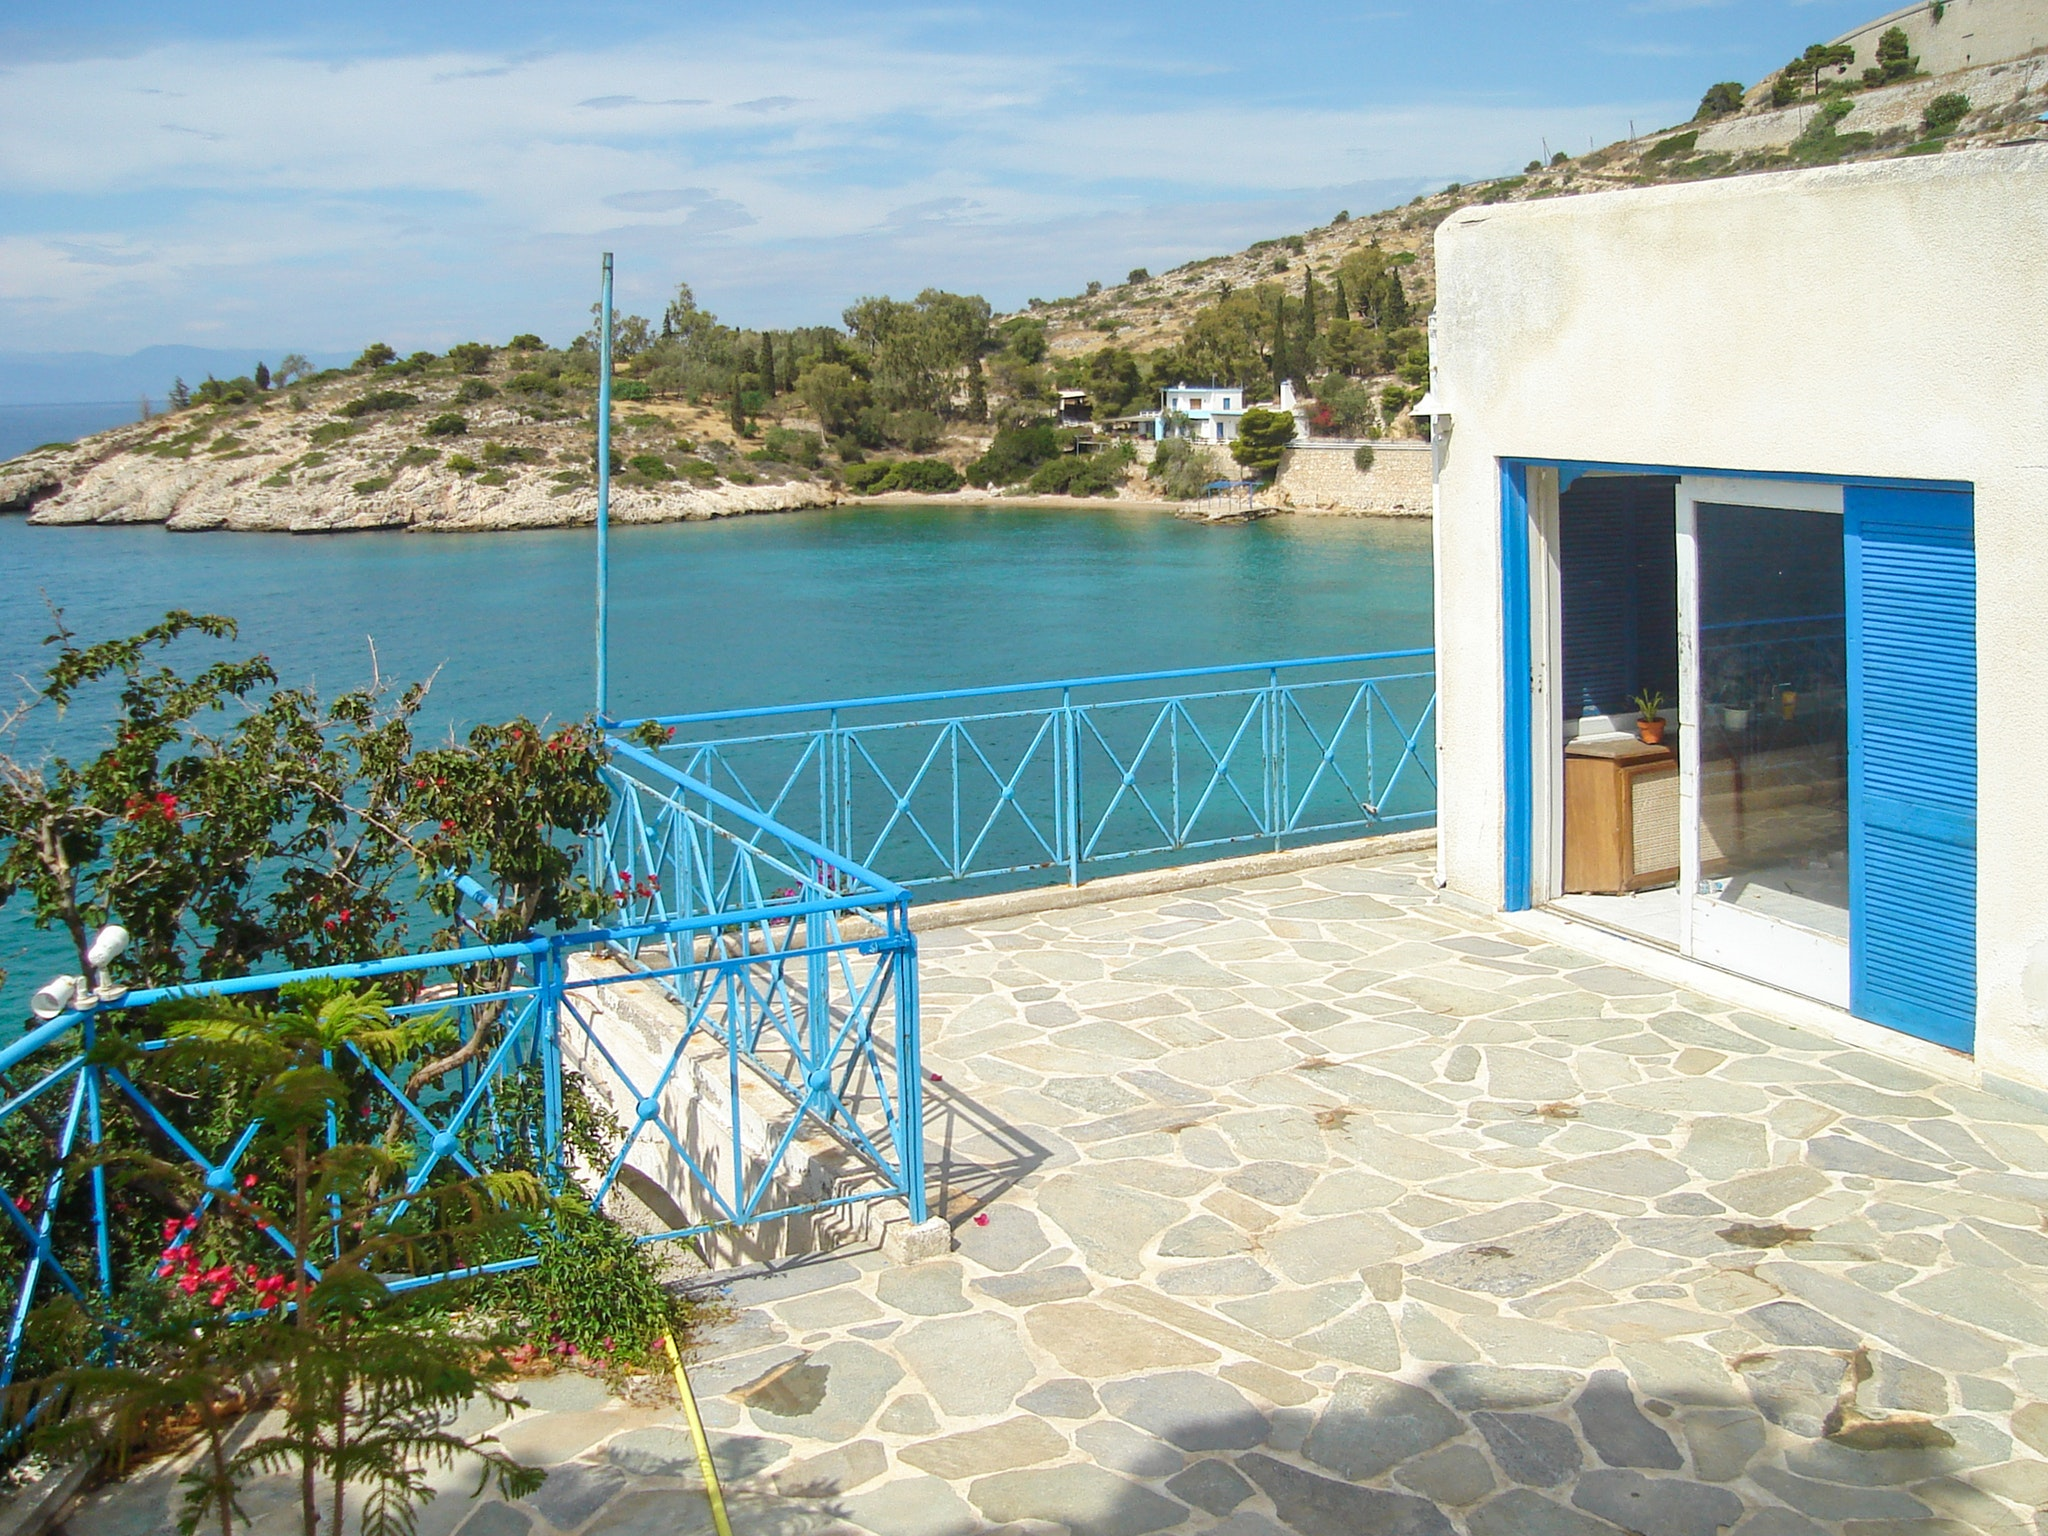 Ferienhaus Luxuriöse Villa in Megara direkt am Meer, mit wunderschöner Aussicht und möbliertem Balkon (2294781), Megara, , Attika, Griechenland, Bild 2